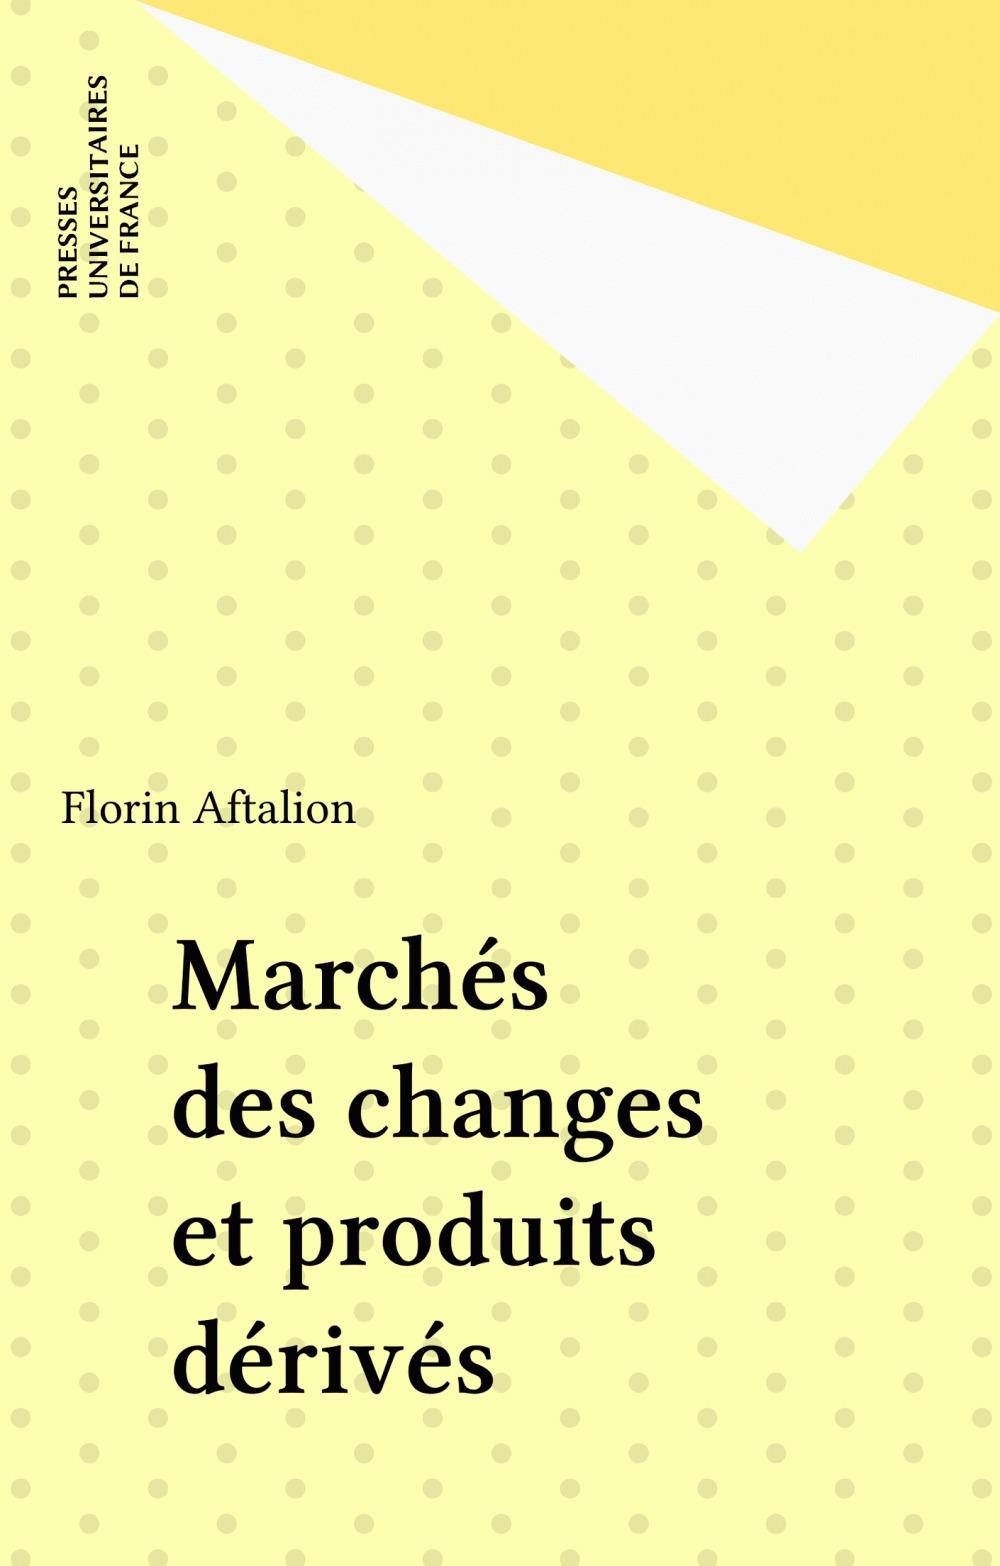 Marches des changes et produits derives